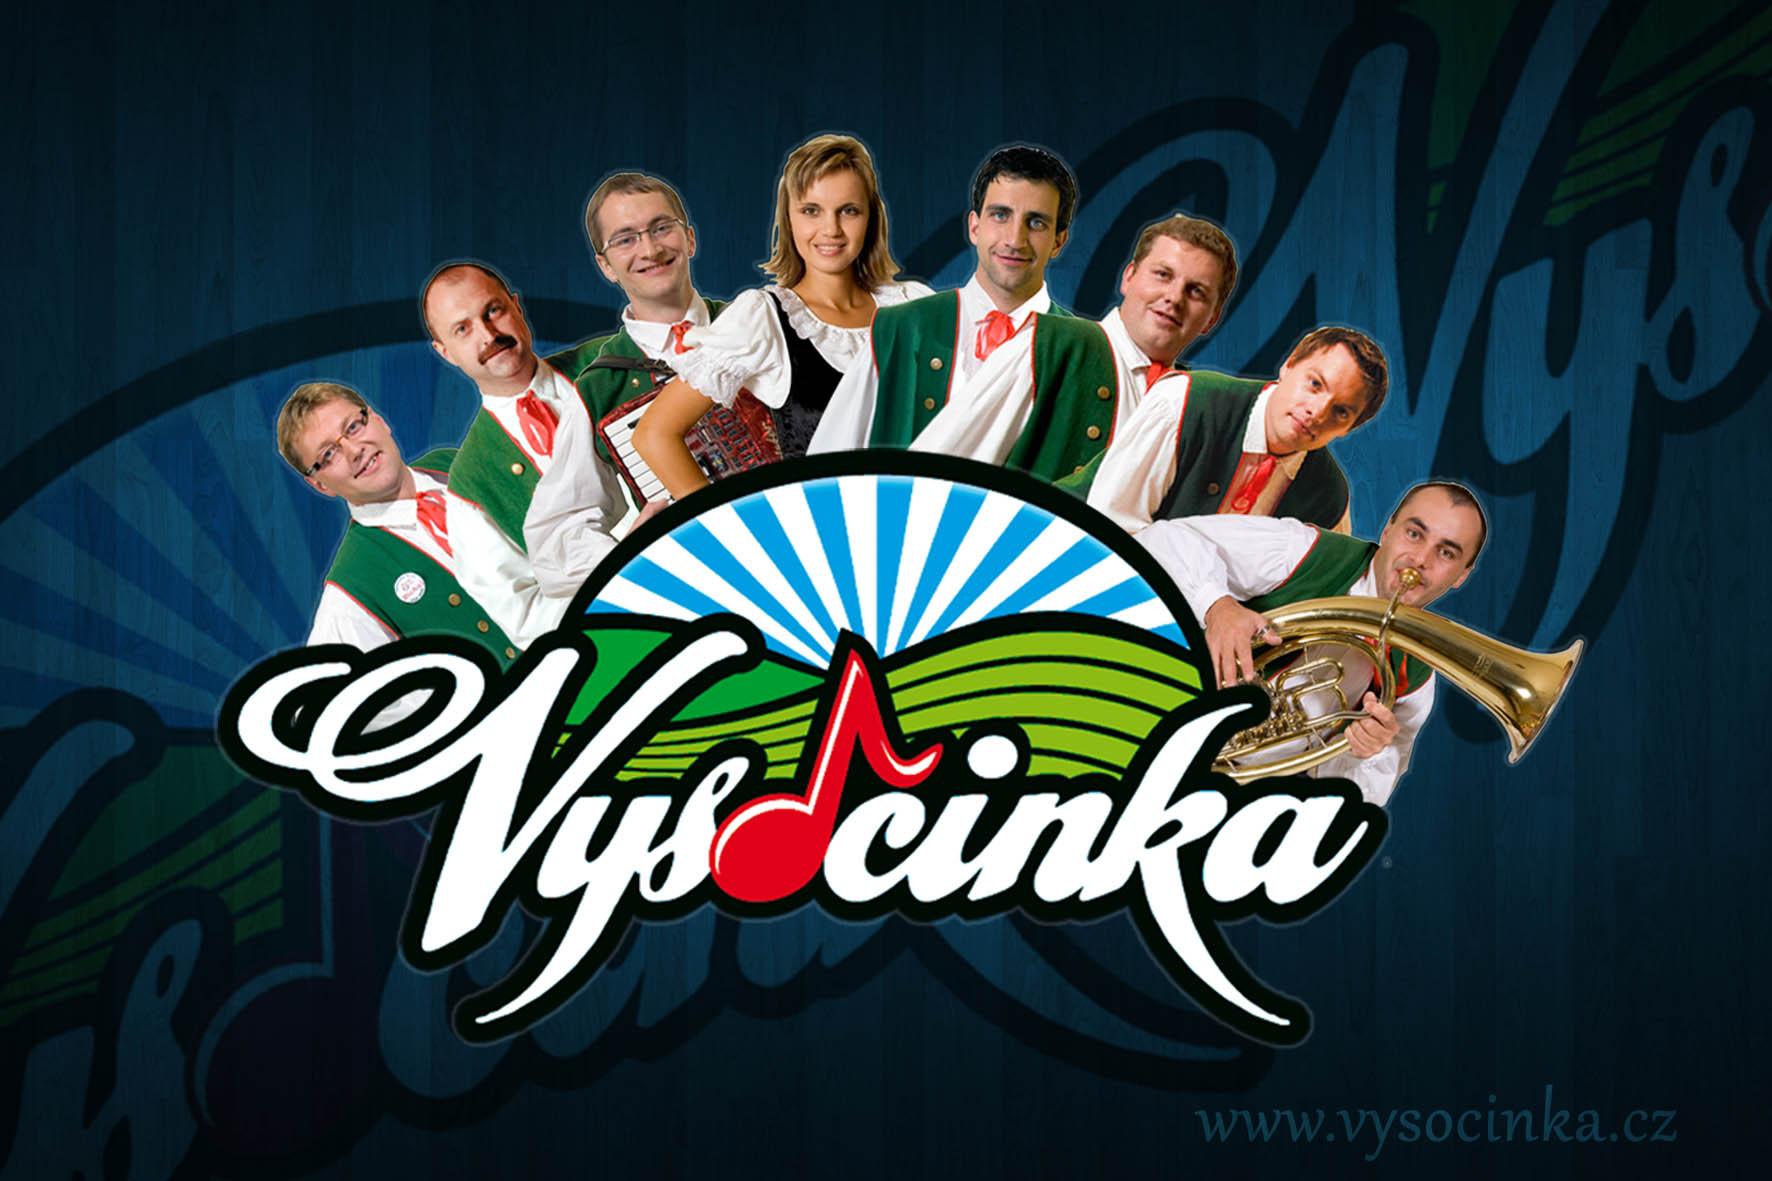 vysocinka2014